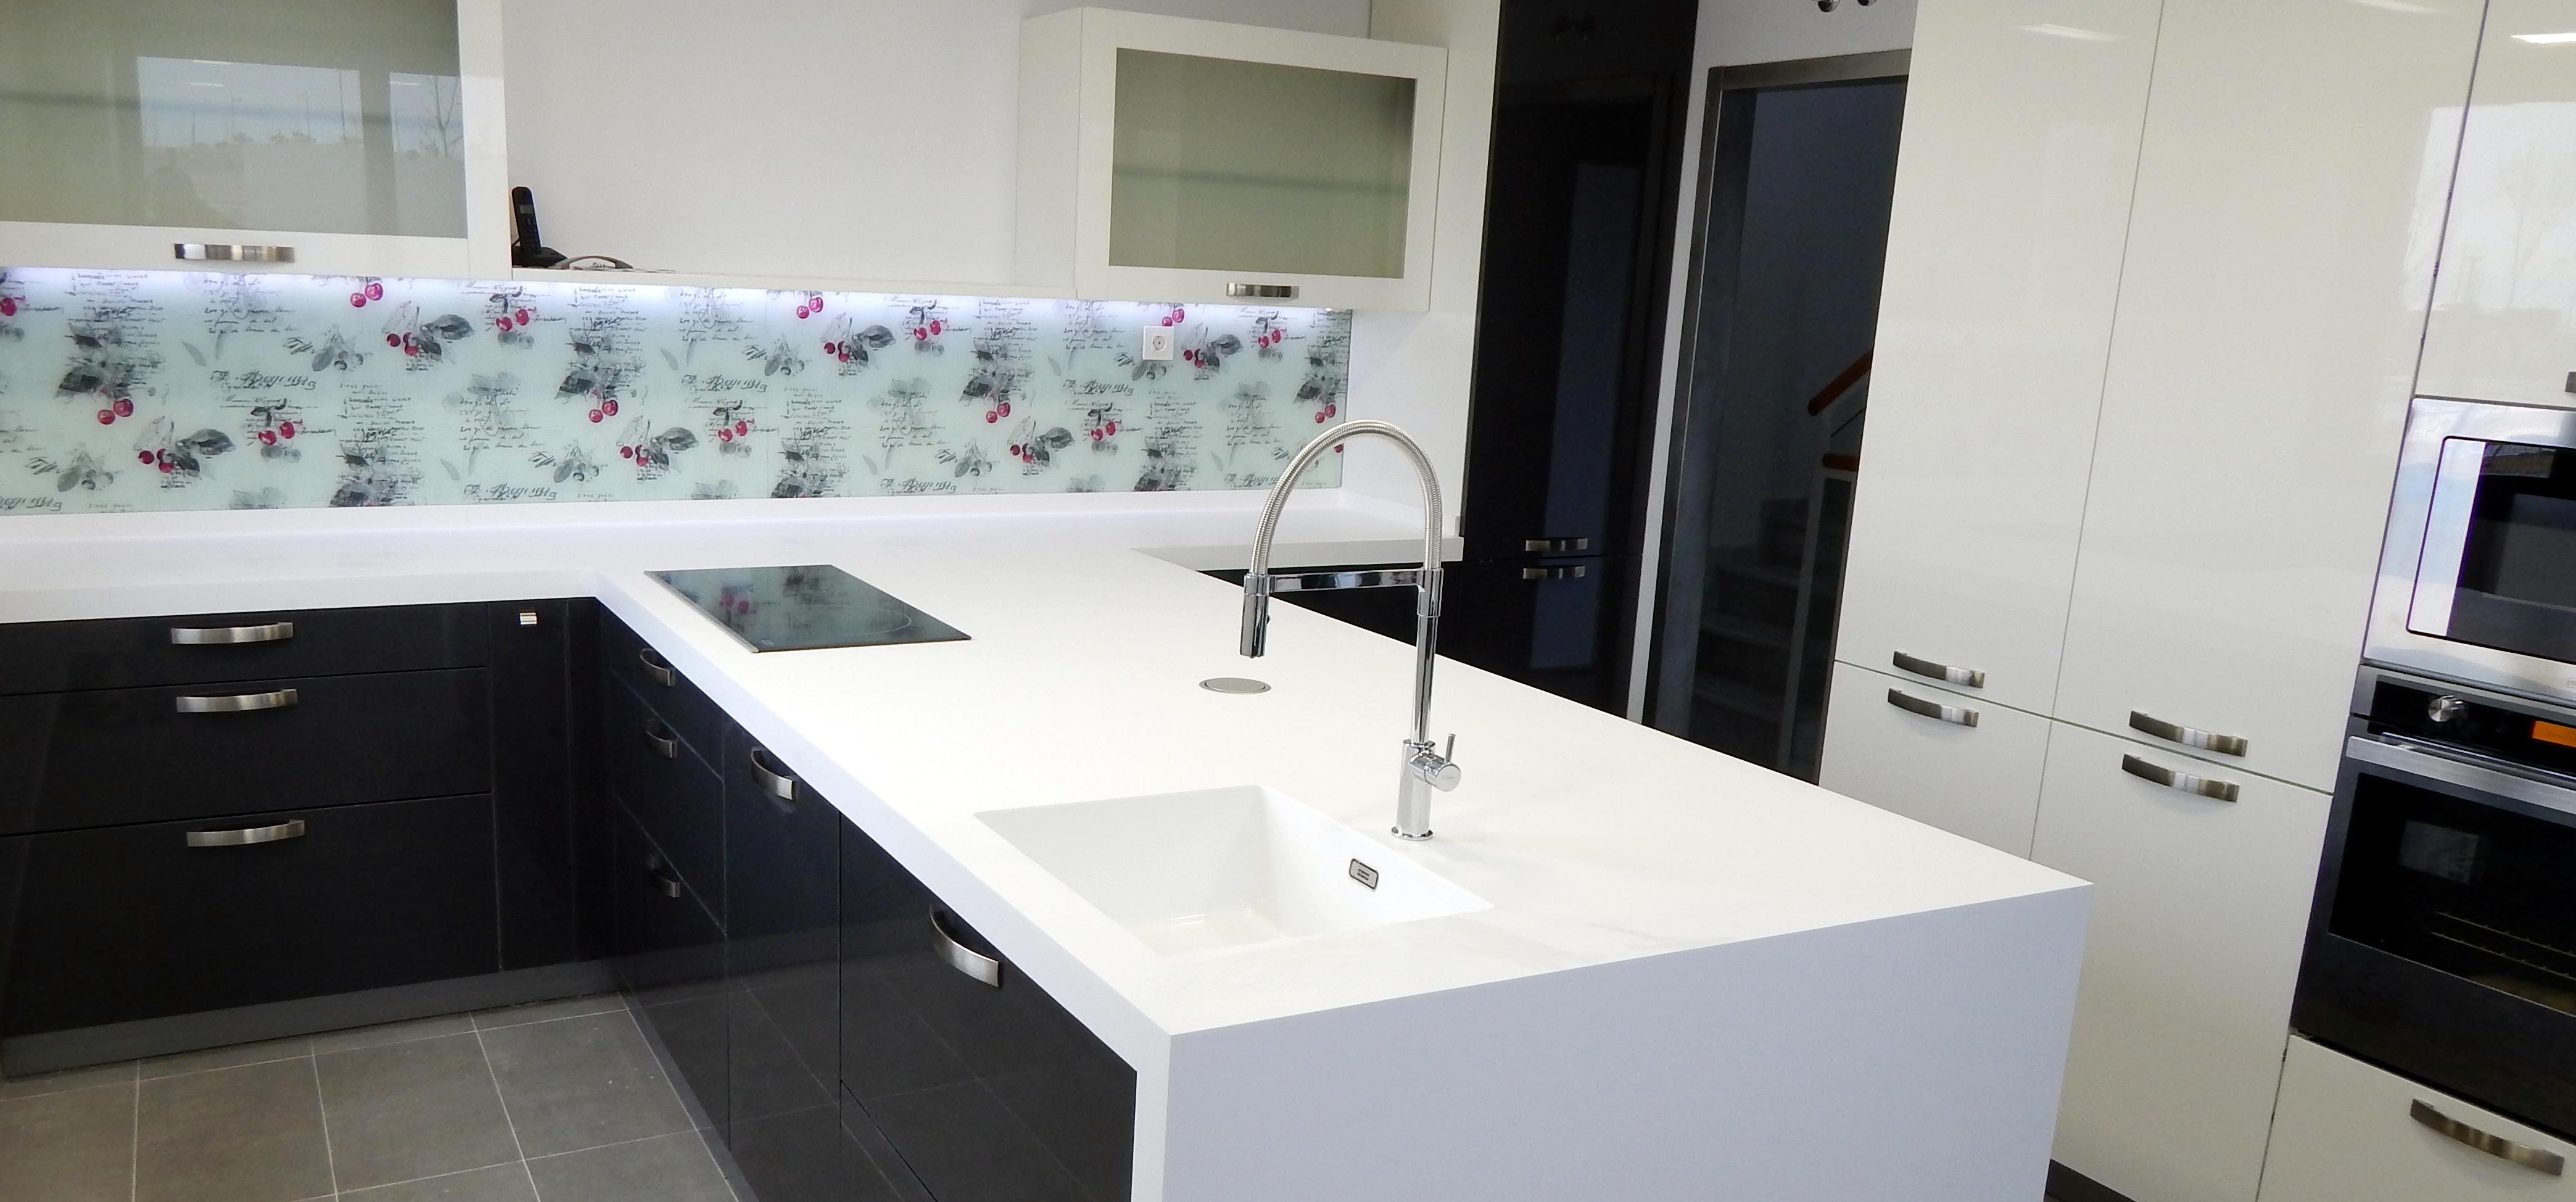 Muebles de cocina modelo 3020 y encimera acrílica - cocinasalemanas.com